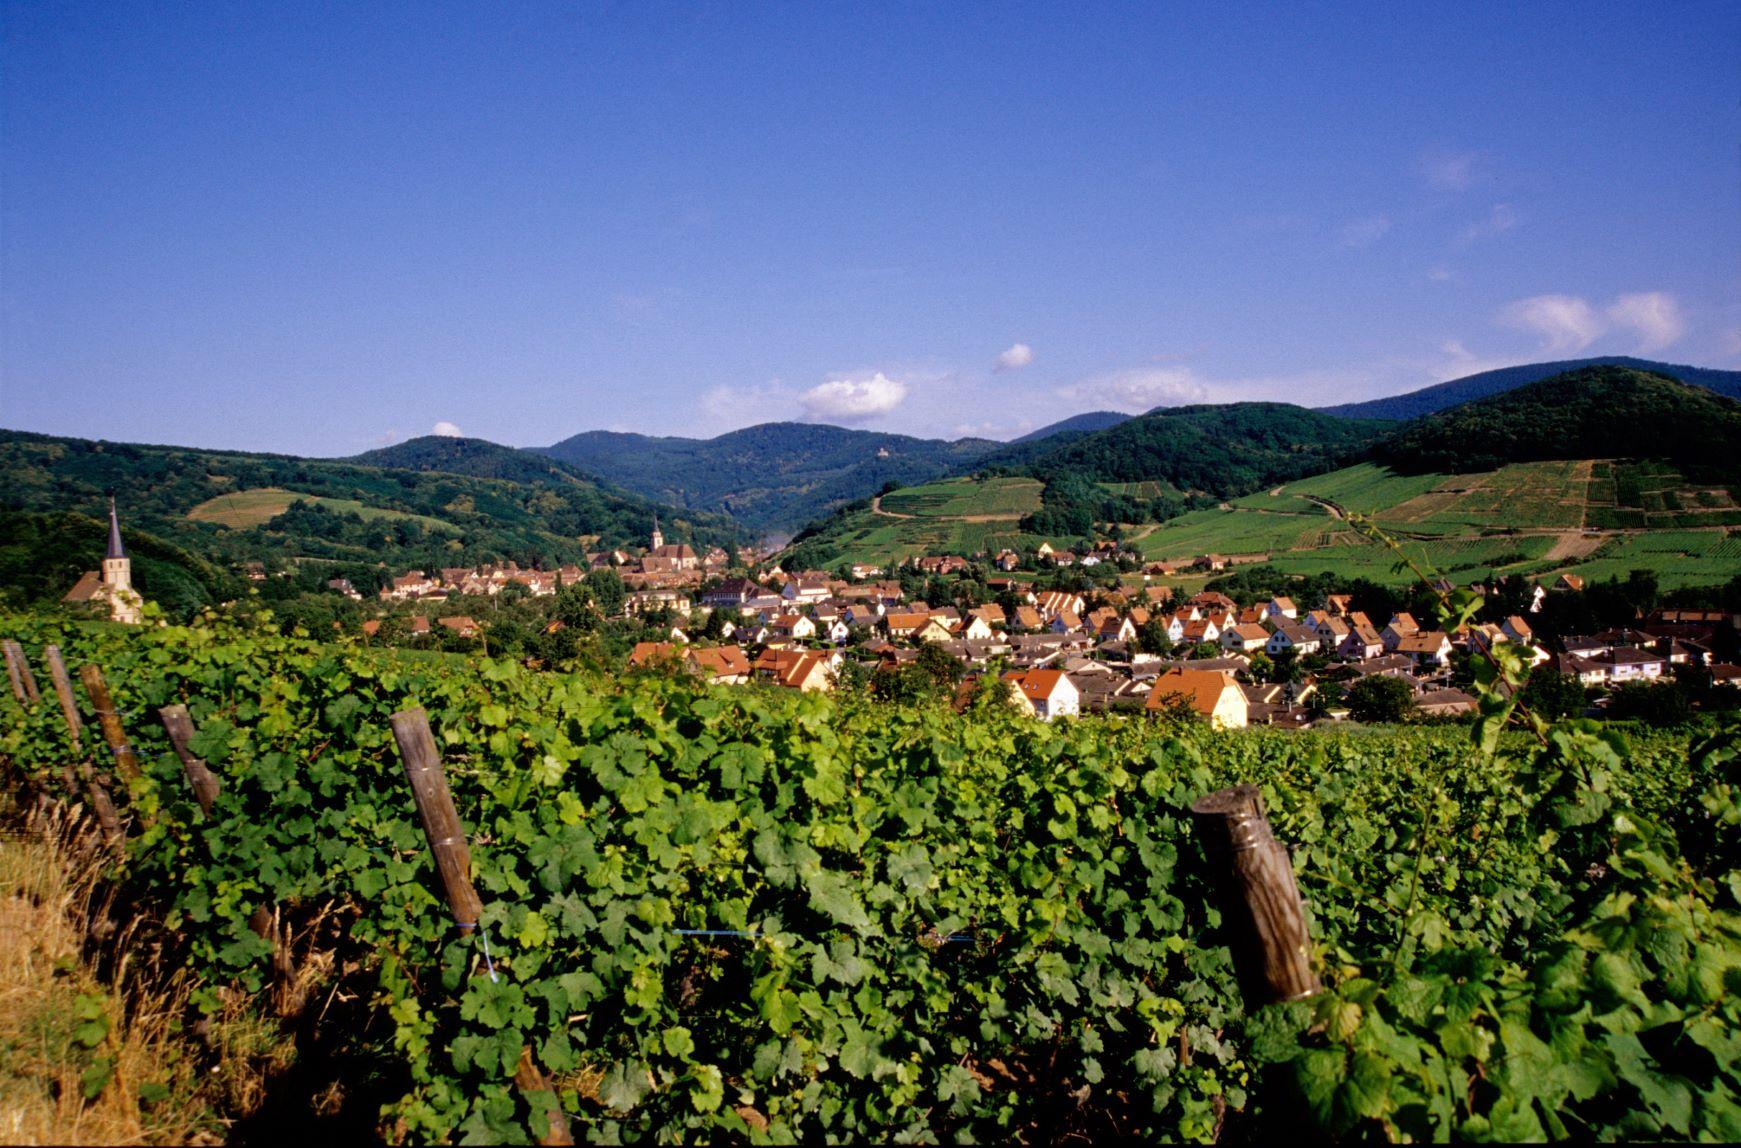 A vélo, sur la Route des Vins d'Alsace